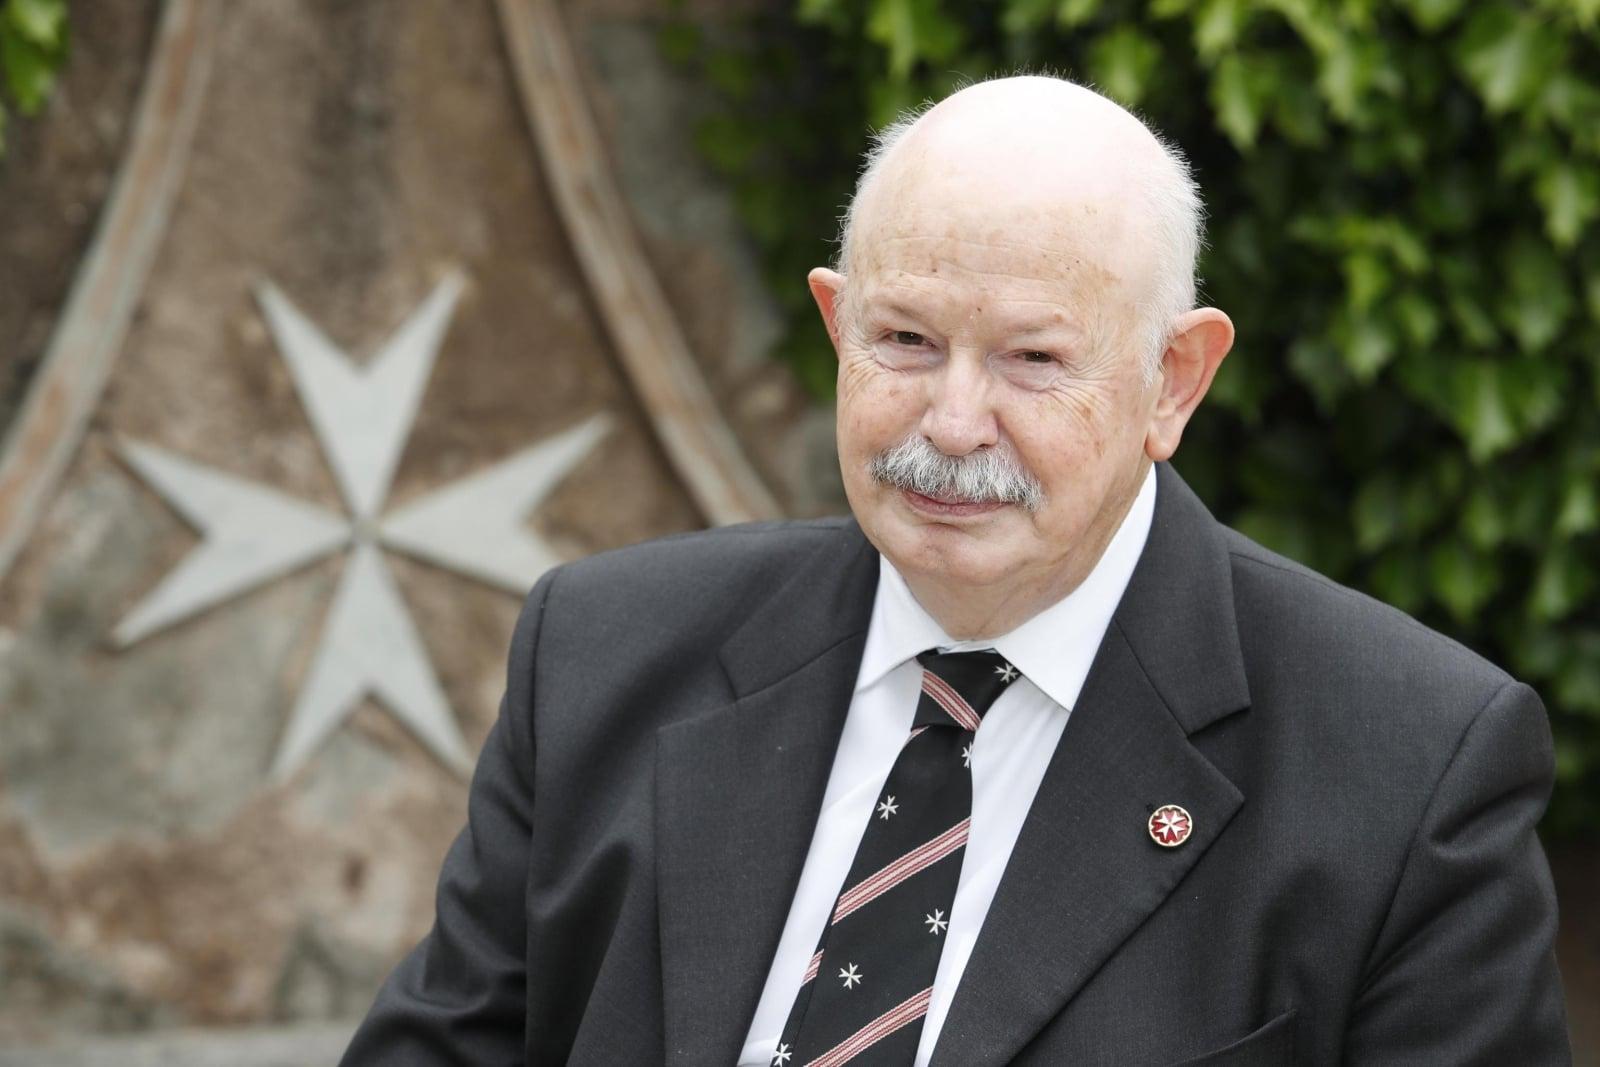 Giacomo Dalla Torre, nowy Wielki Mistrz Zakonu Maltańskiego.